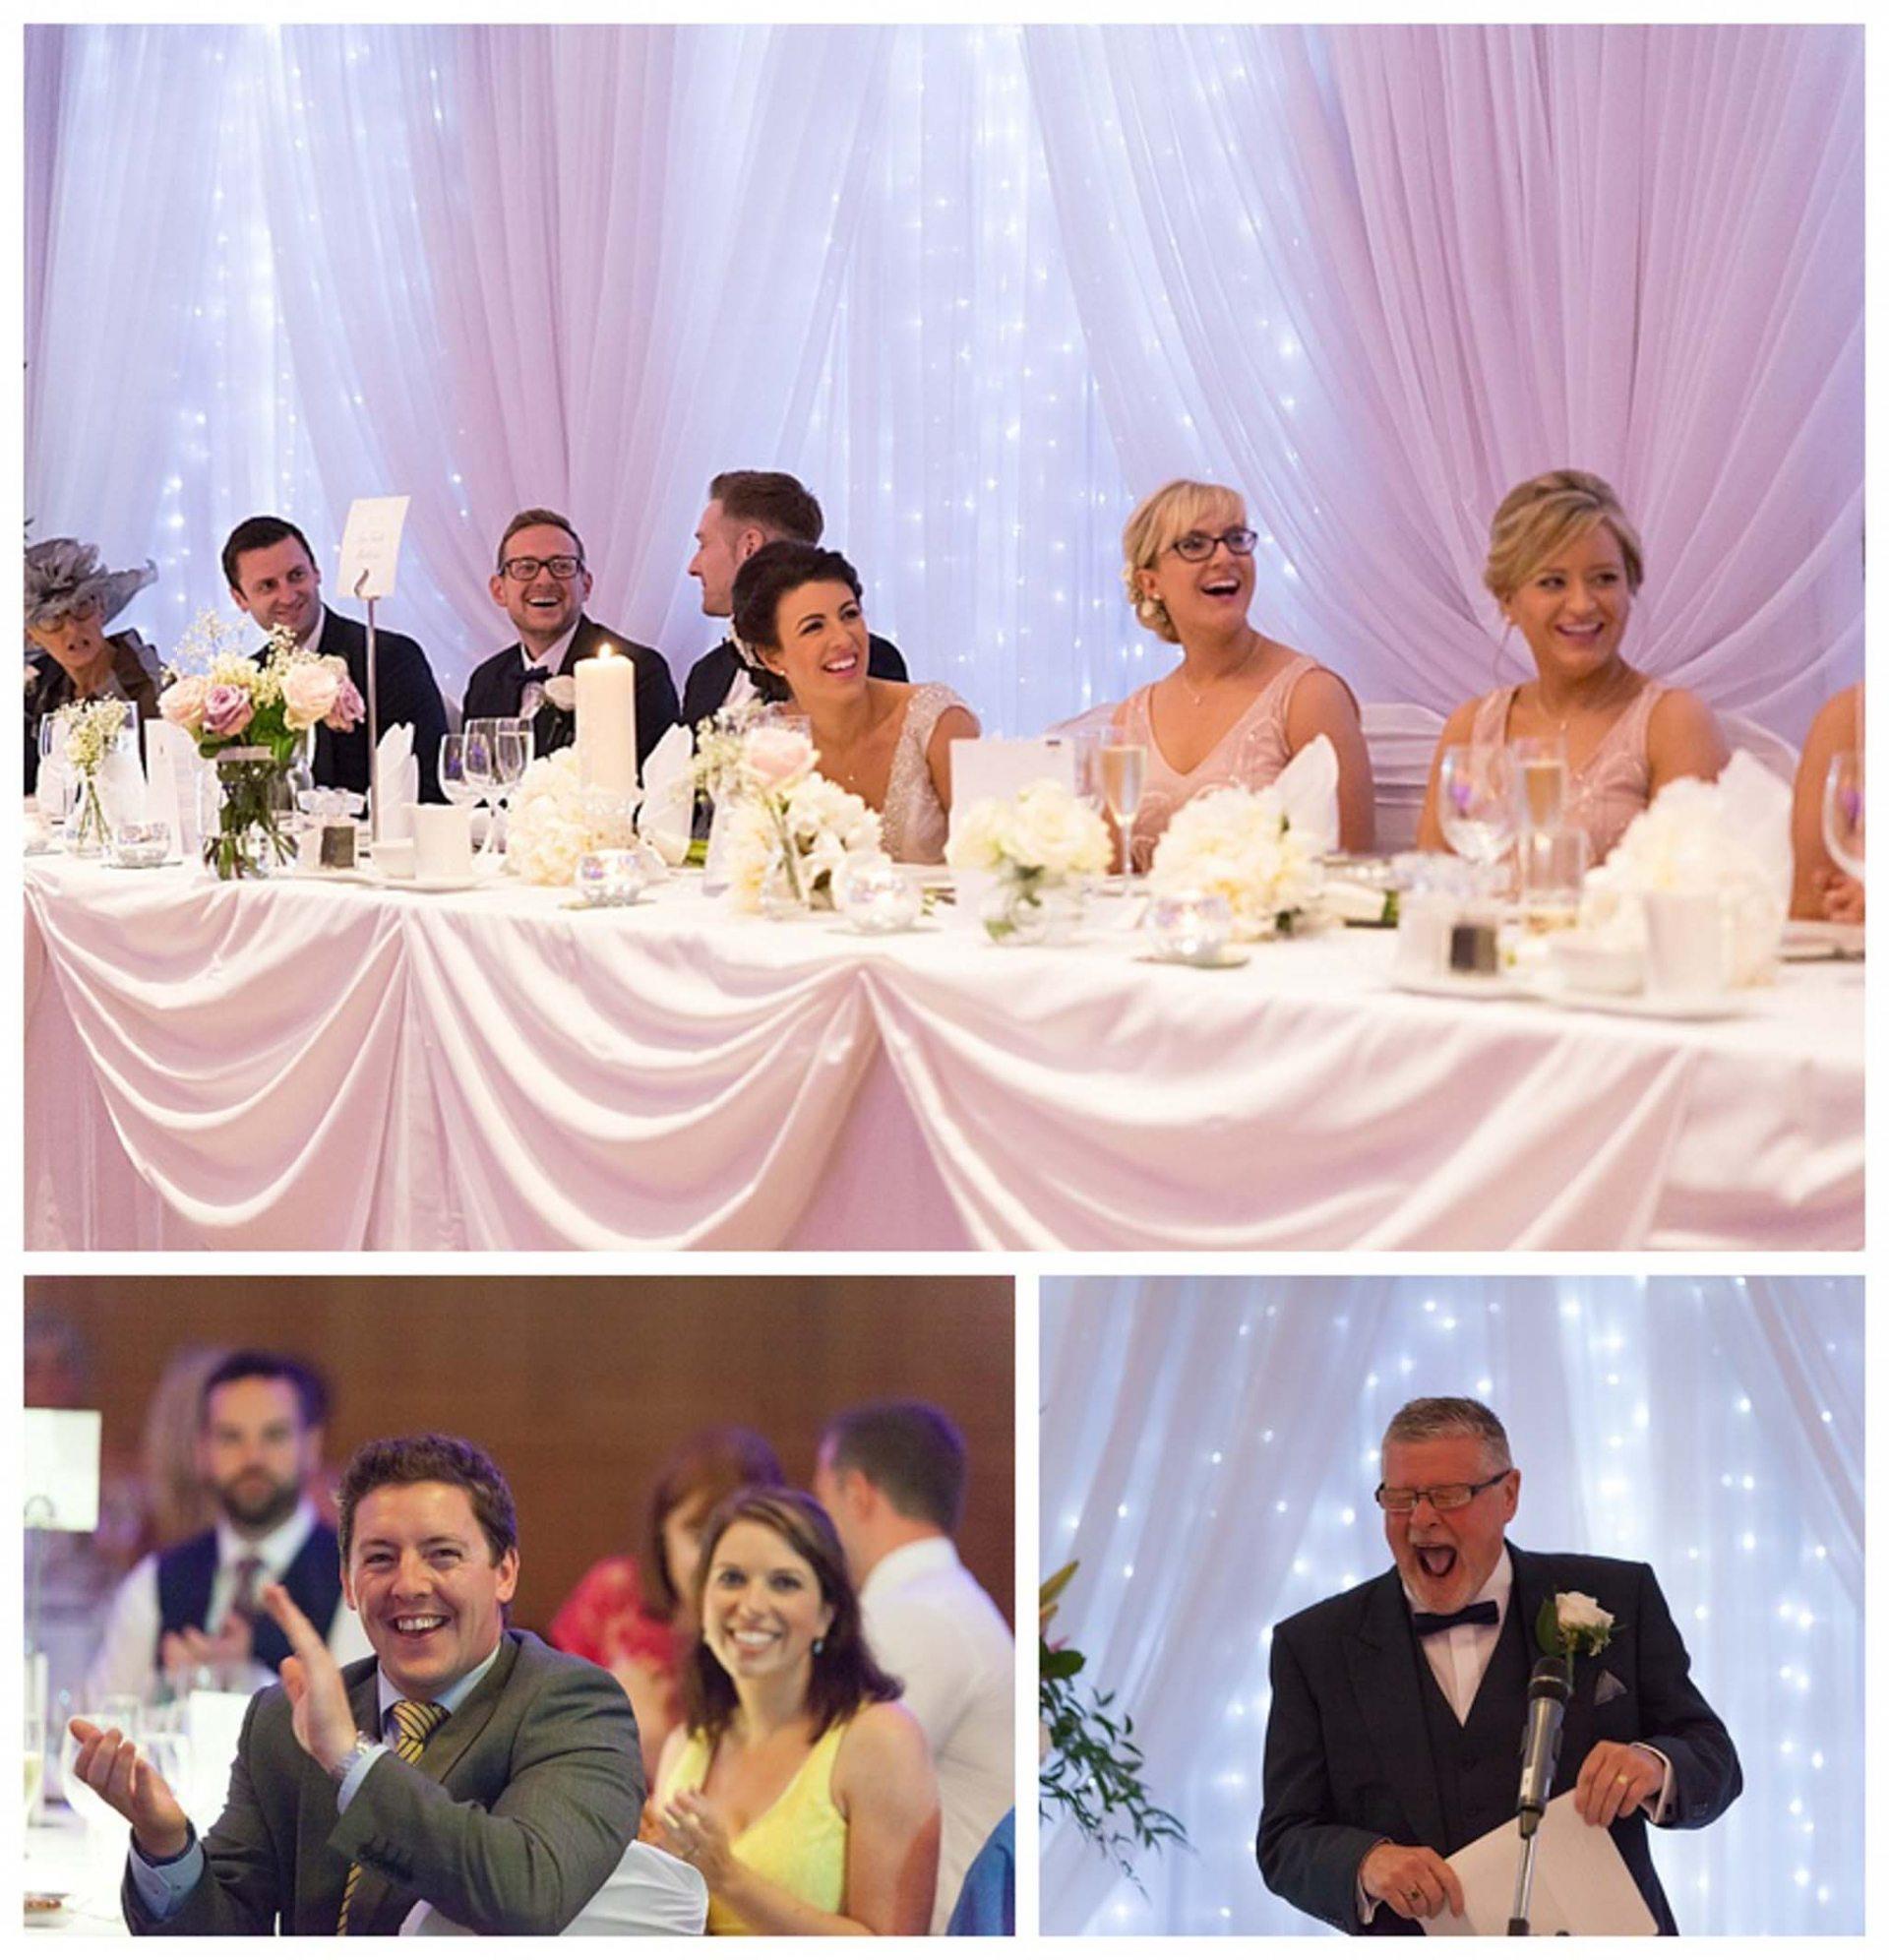 Slieve Donard Wedding Danielle & Glenn by Ricky Parker Photography-55